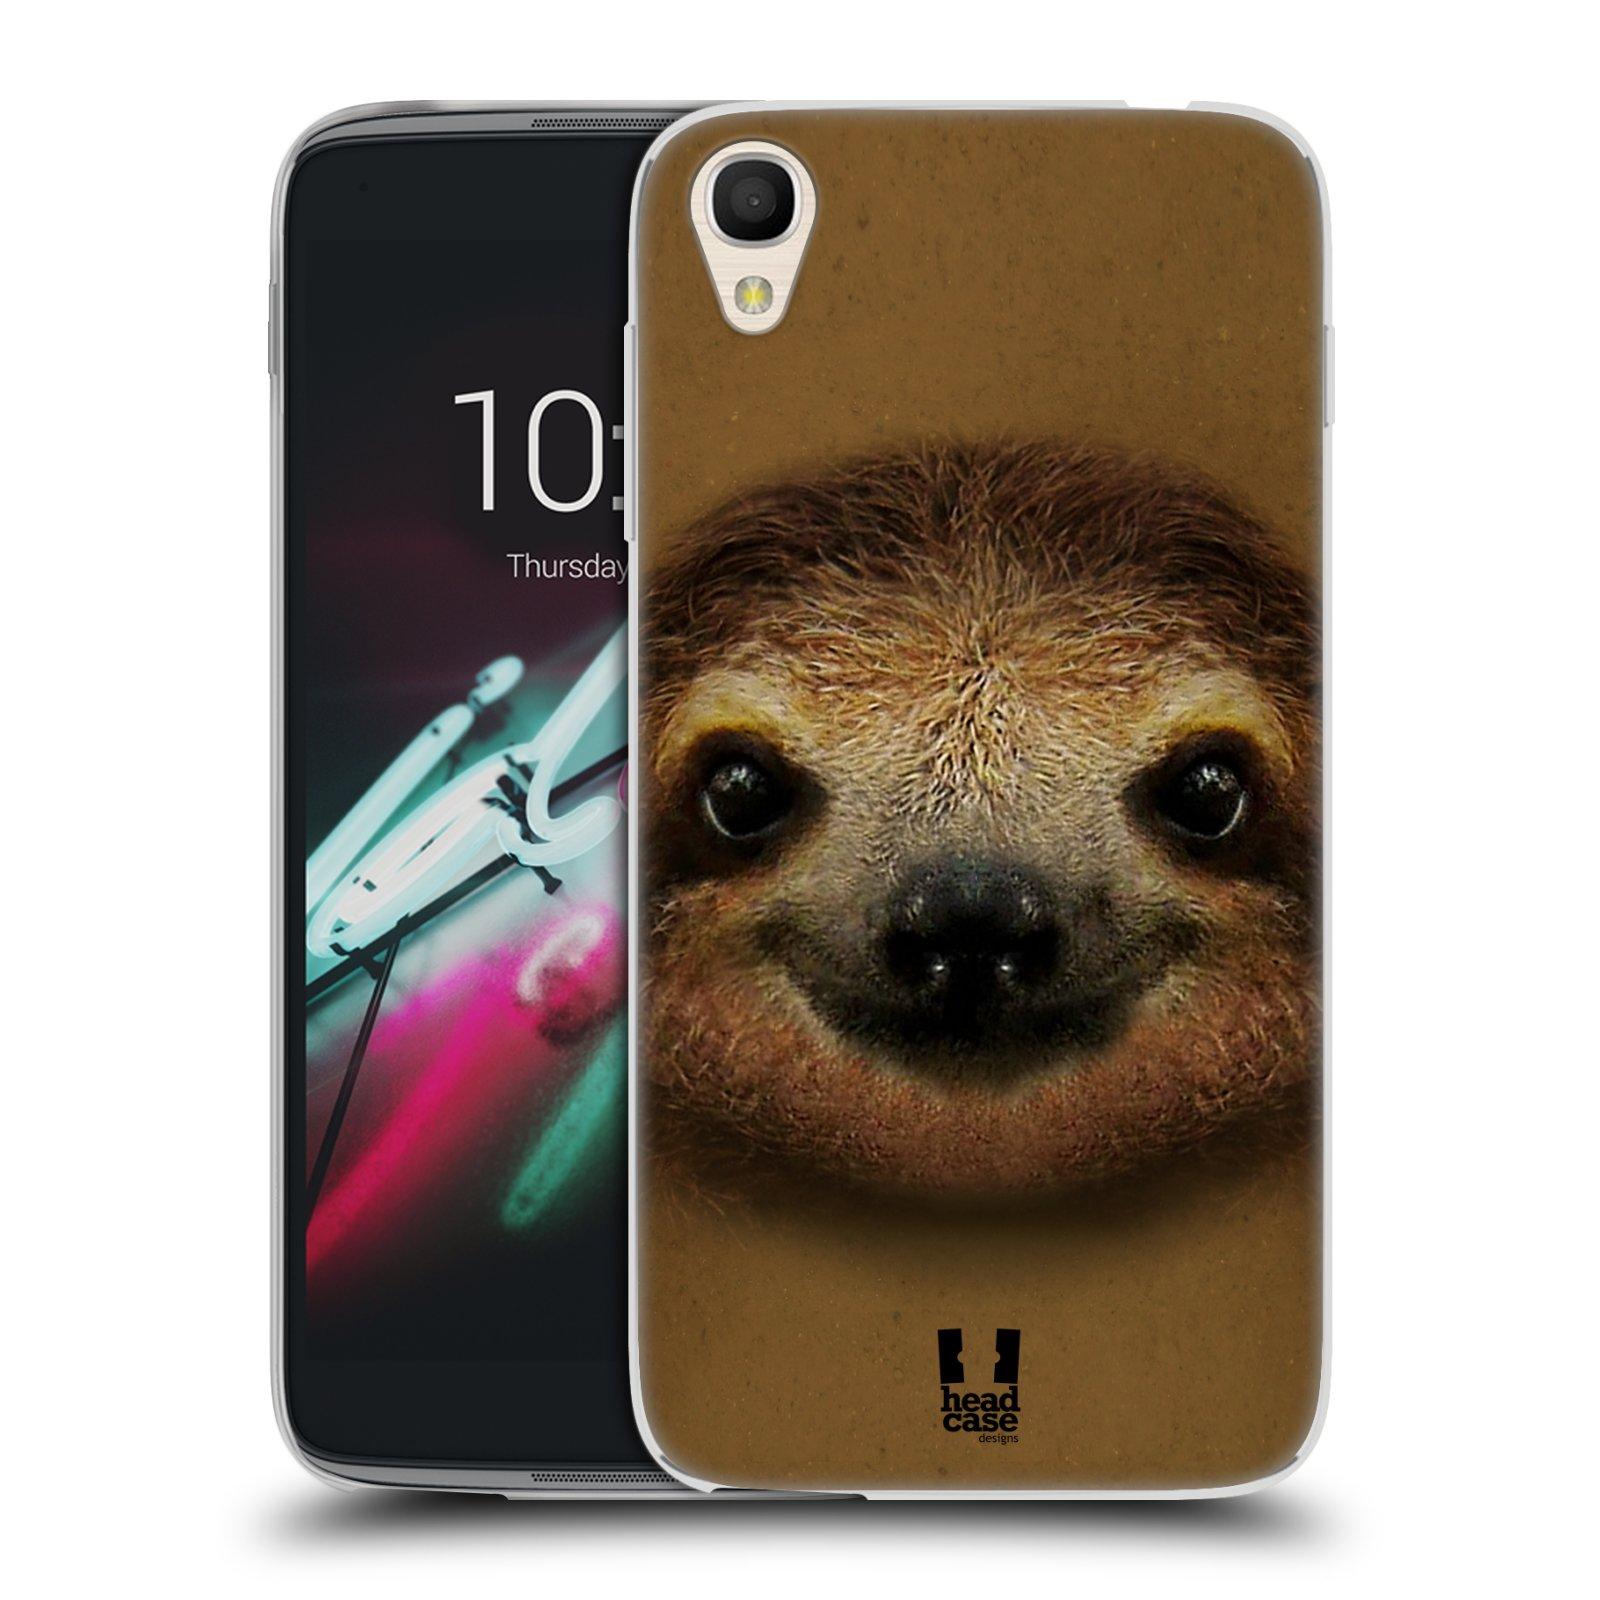 HEAD CASE silikonový obal na mobil Alcatel Idol 3 OT-6039Y (4.7) vzor Zvířecí tváře 2 lenochod